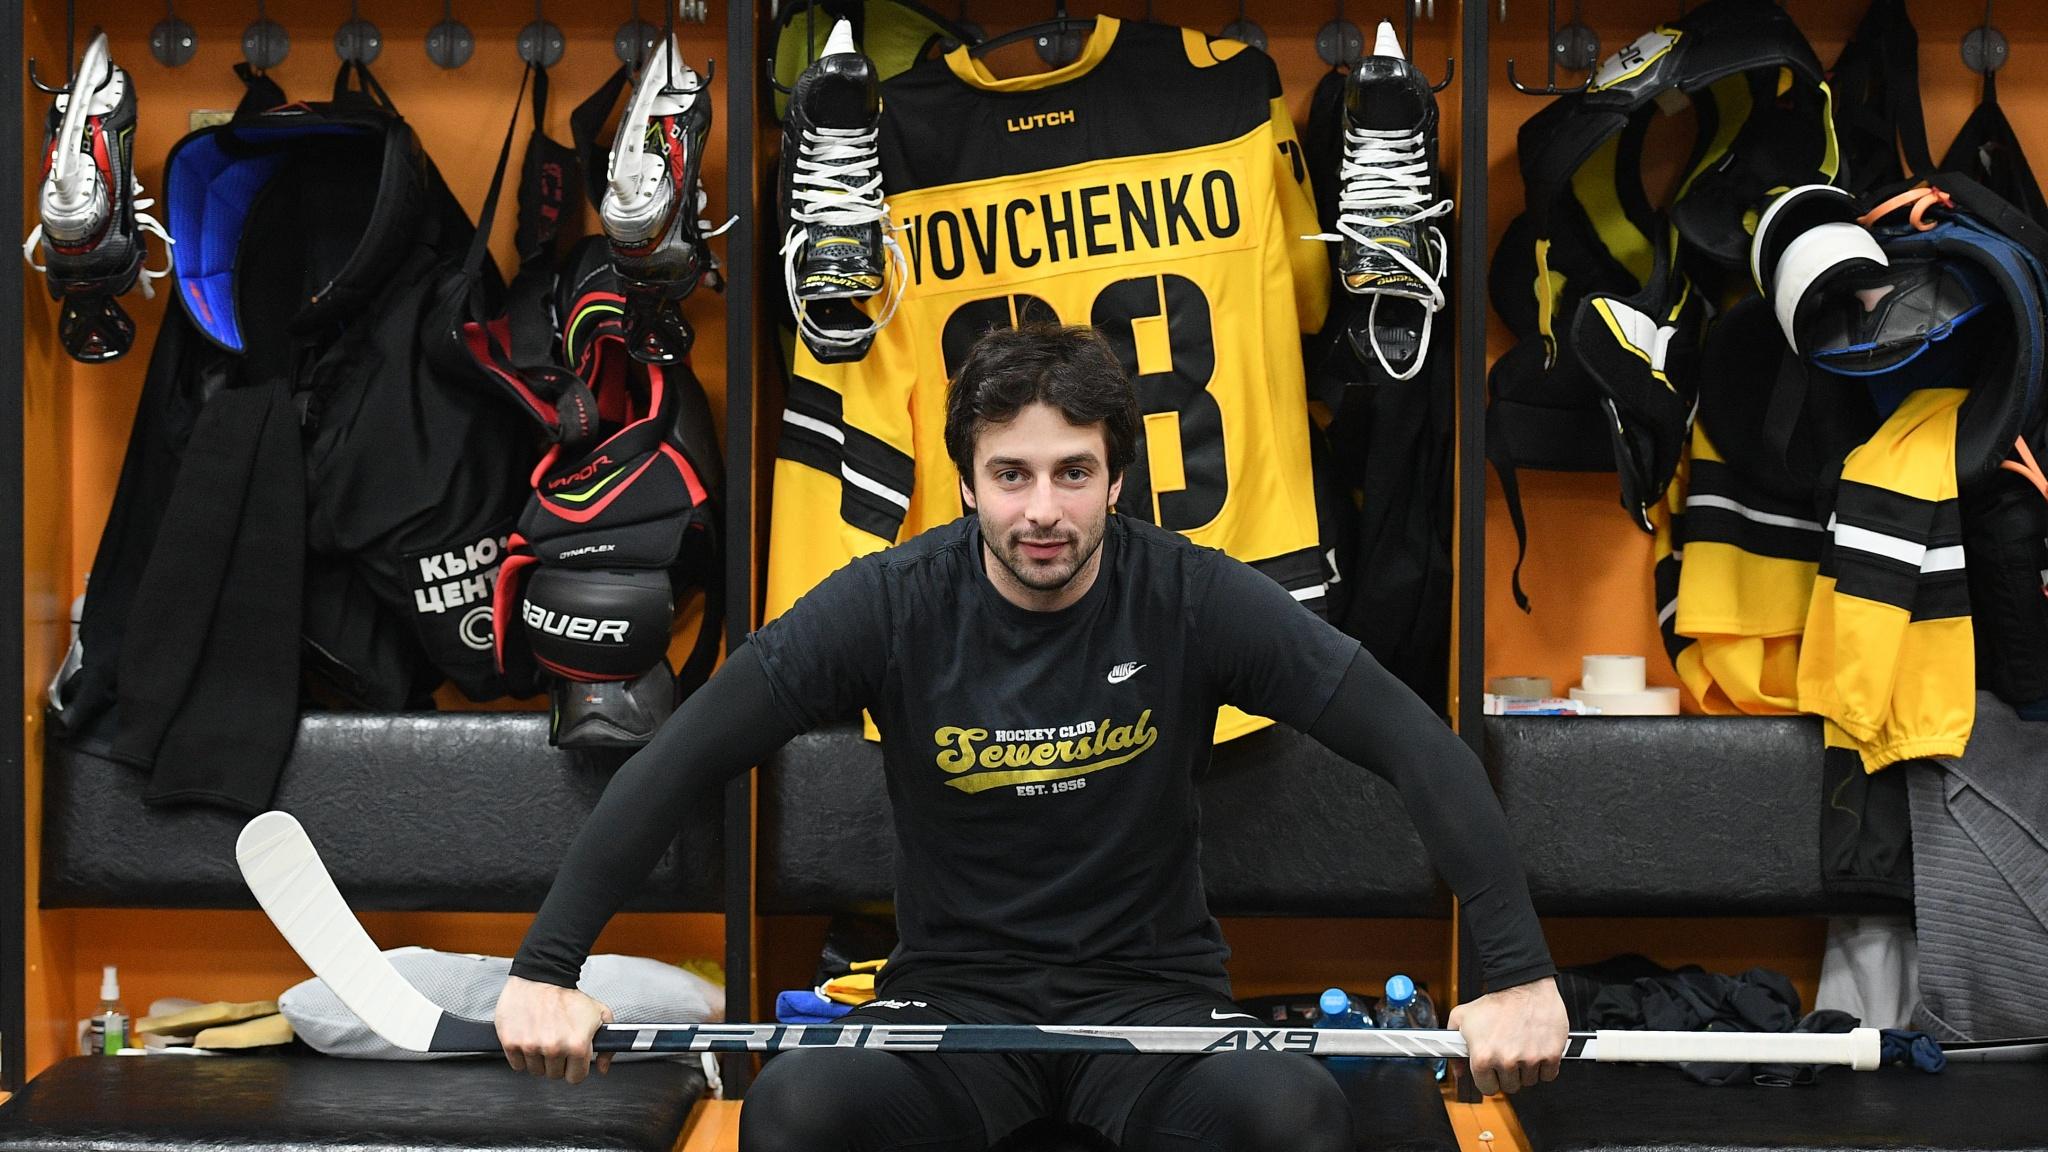 Даниил Вовченко. Фото: Александр Коркка